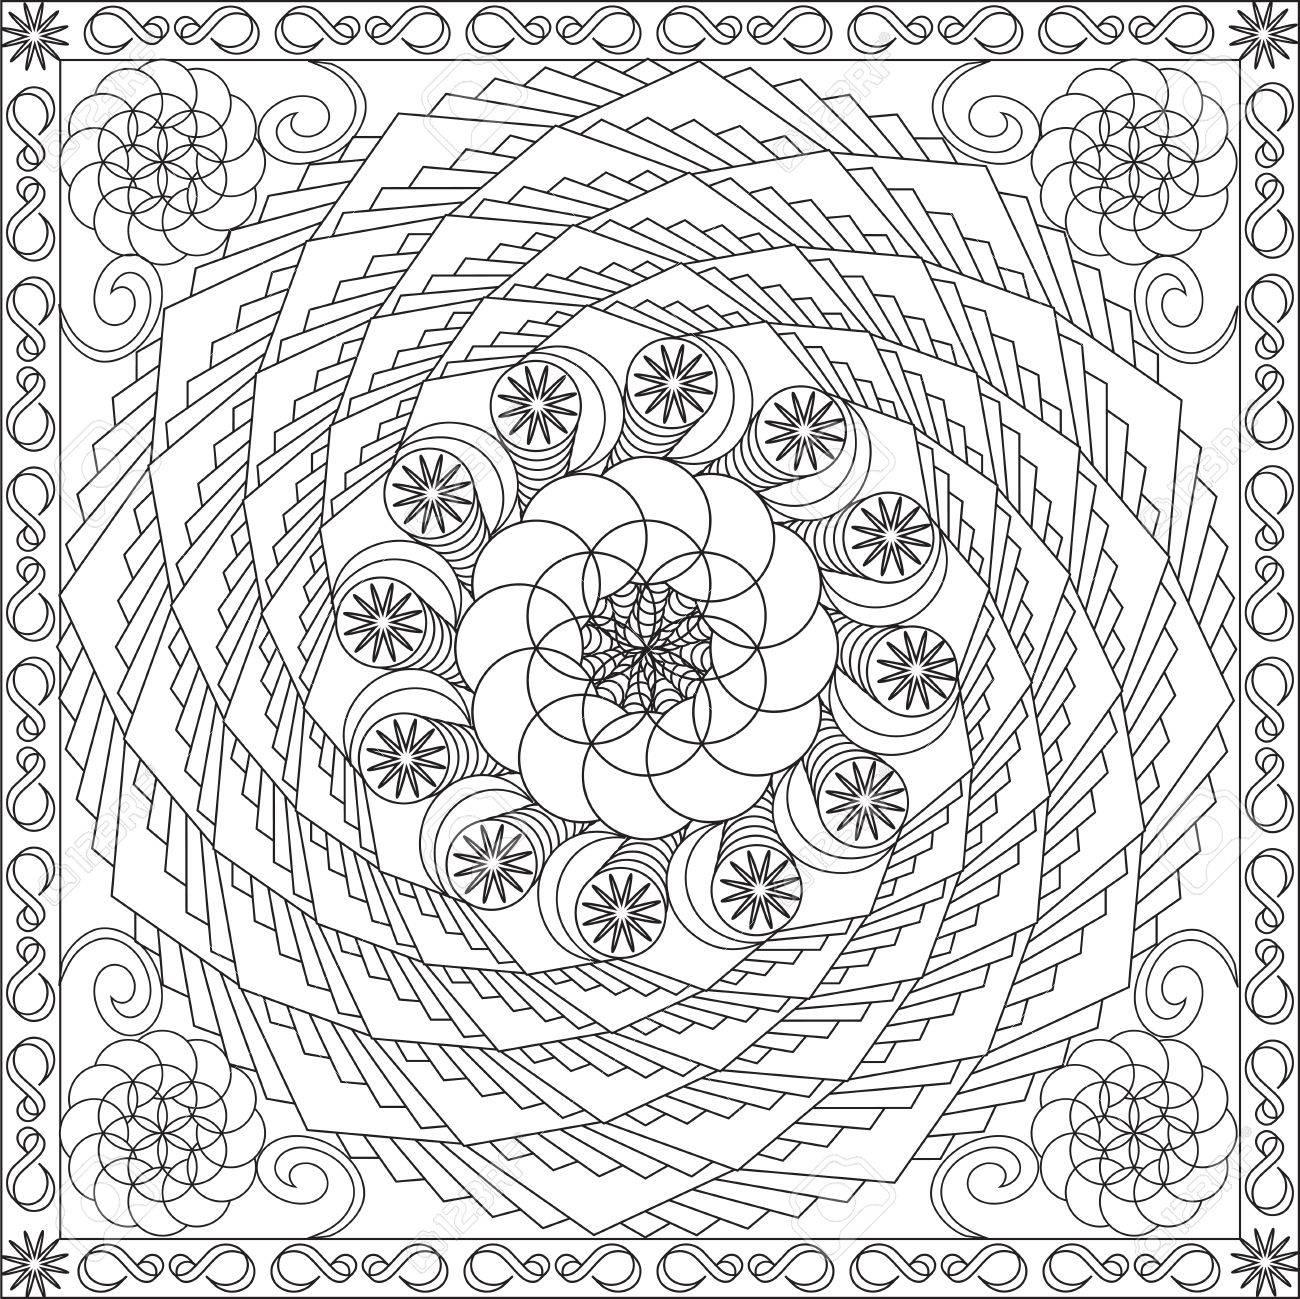 Coloriage Adulte Spirale.Livre De Coloriage Pour Les Adultes Format Carre Spirale